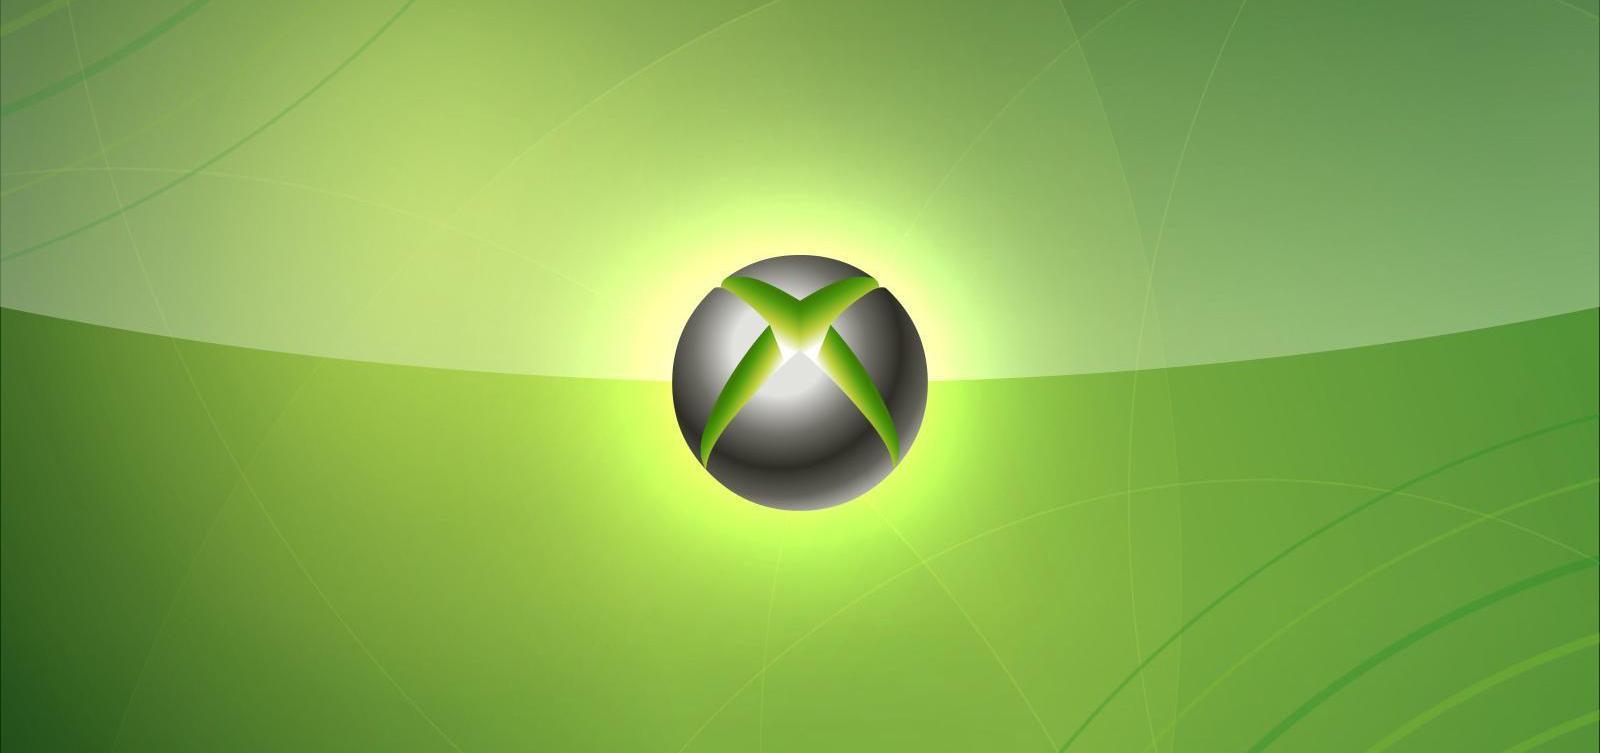 Xbox-360-HD-Wallpaper1.jpg